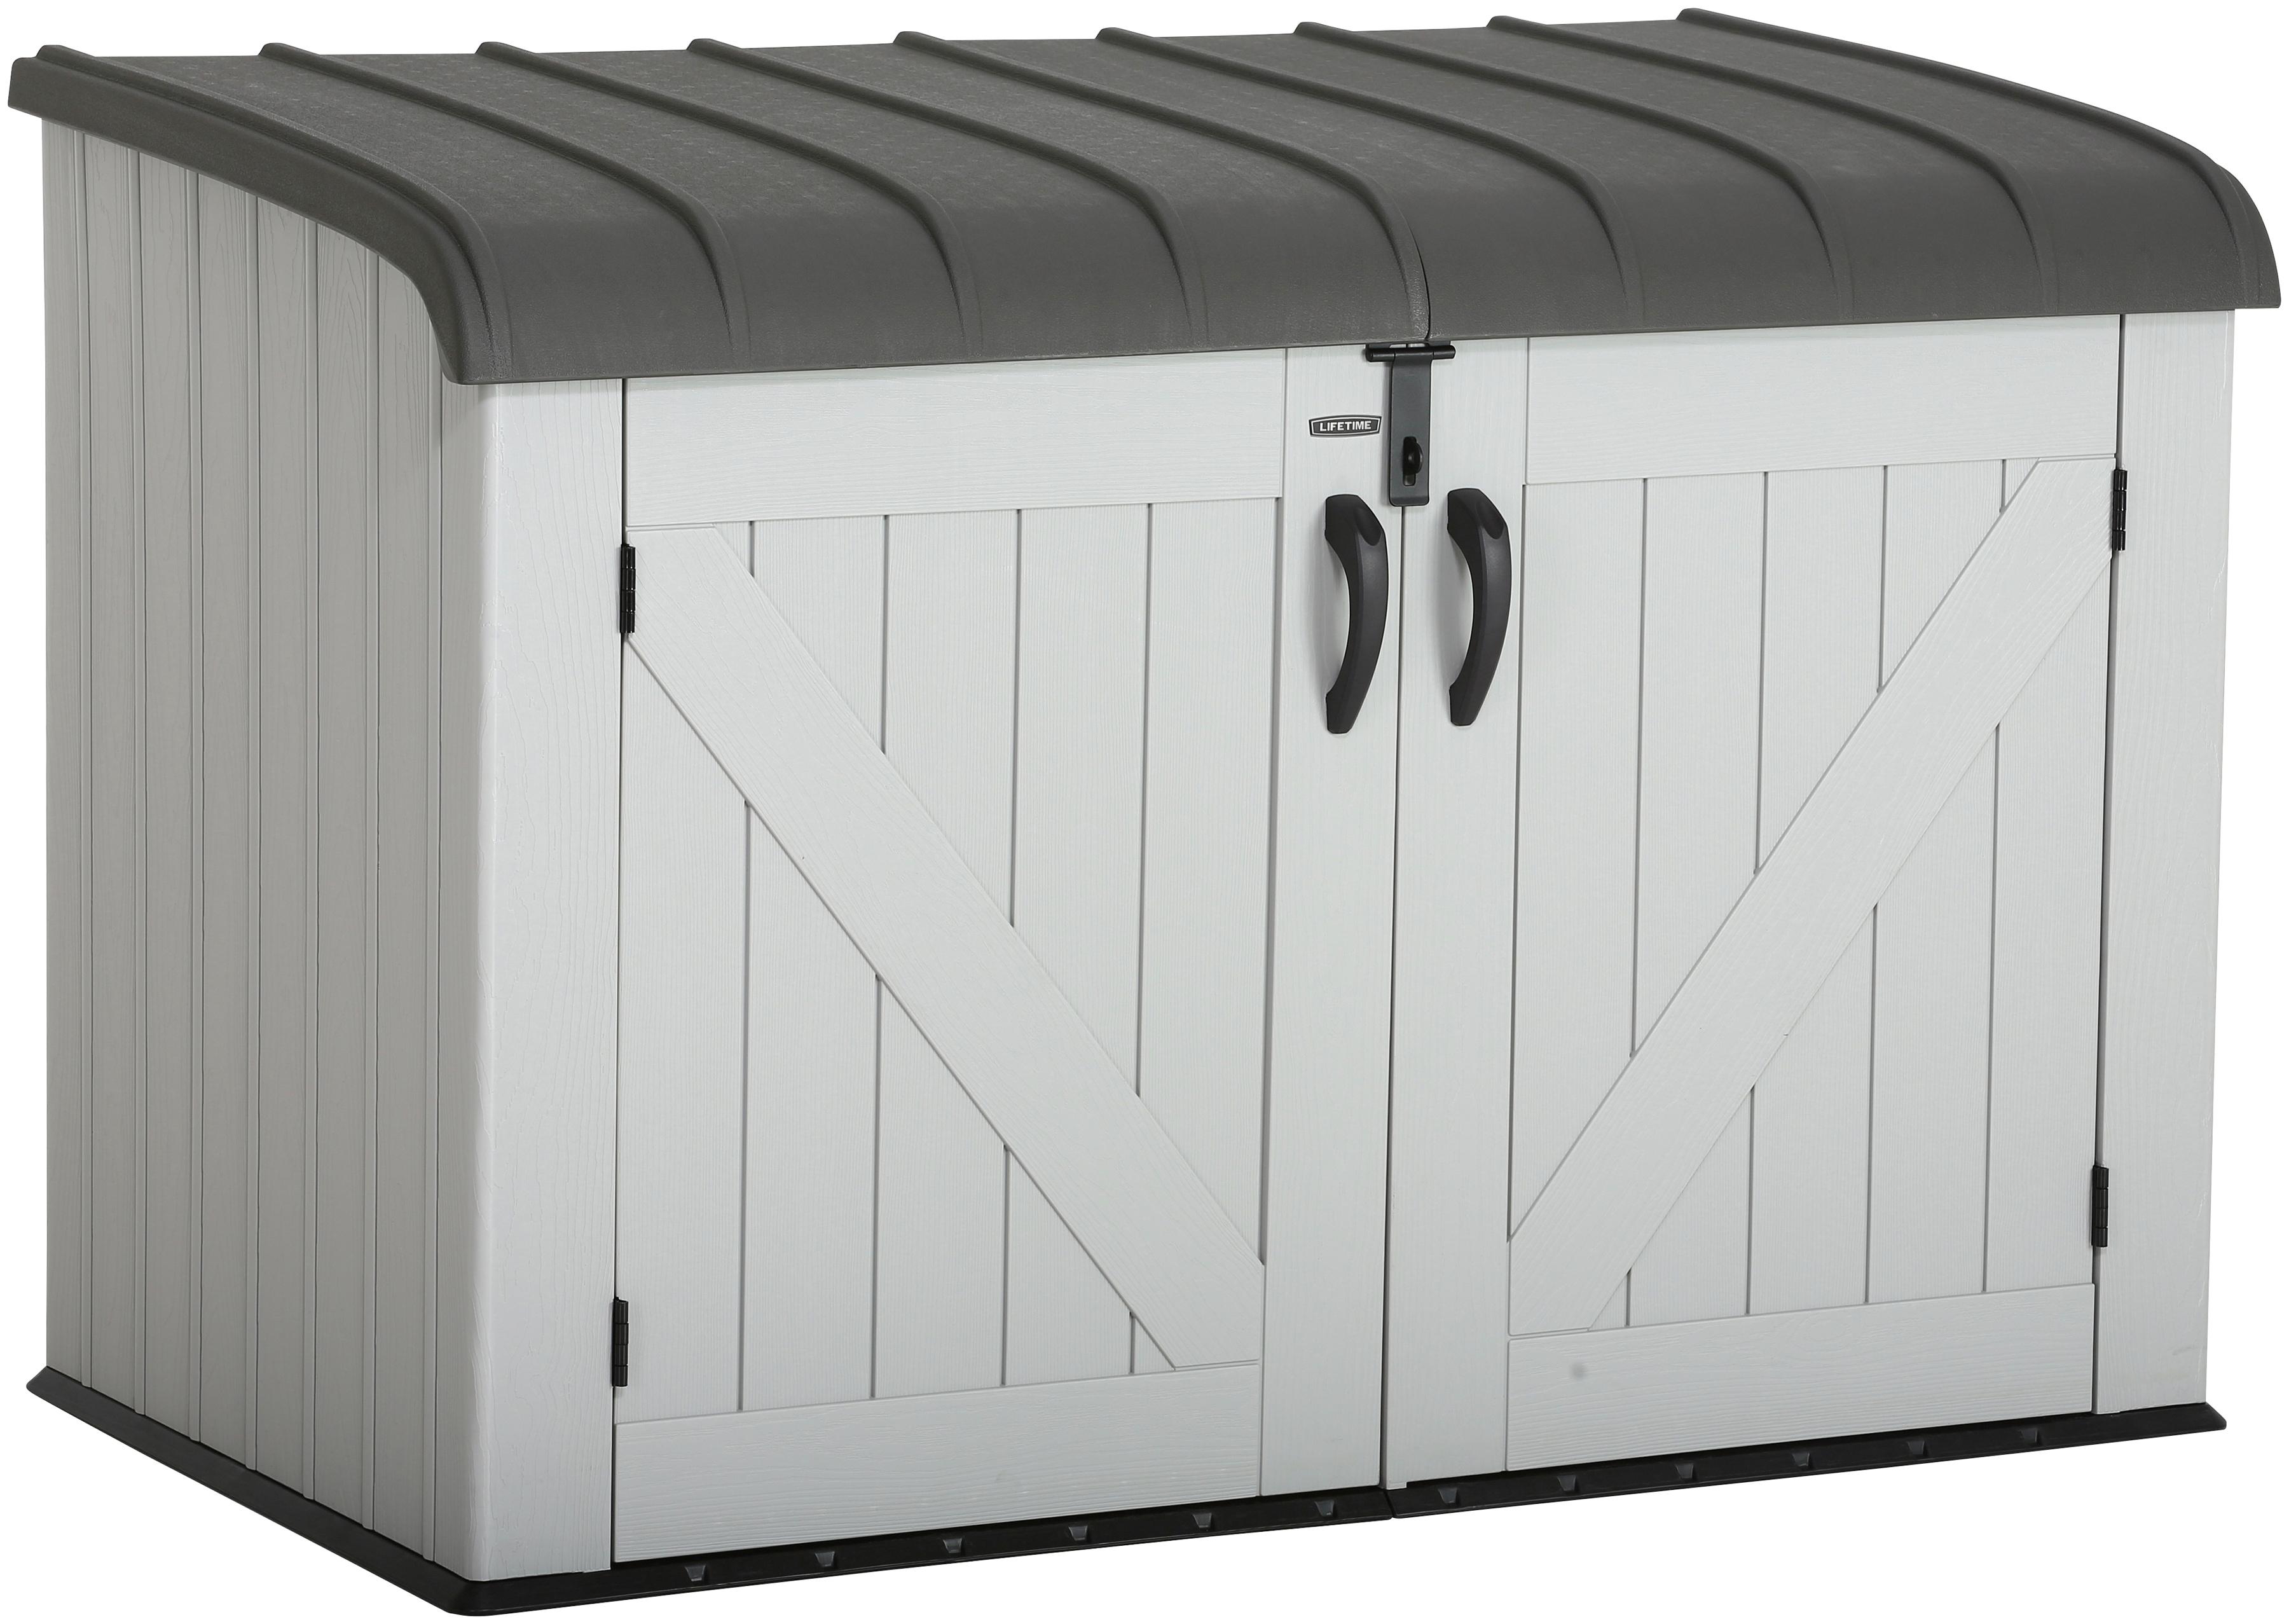 50NRTH Fahrradbox, Mülltonnenbox, BxTxH: 191x108x132 cm grau Fahrradunterstände Garten Balkon Fahrradbox